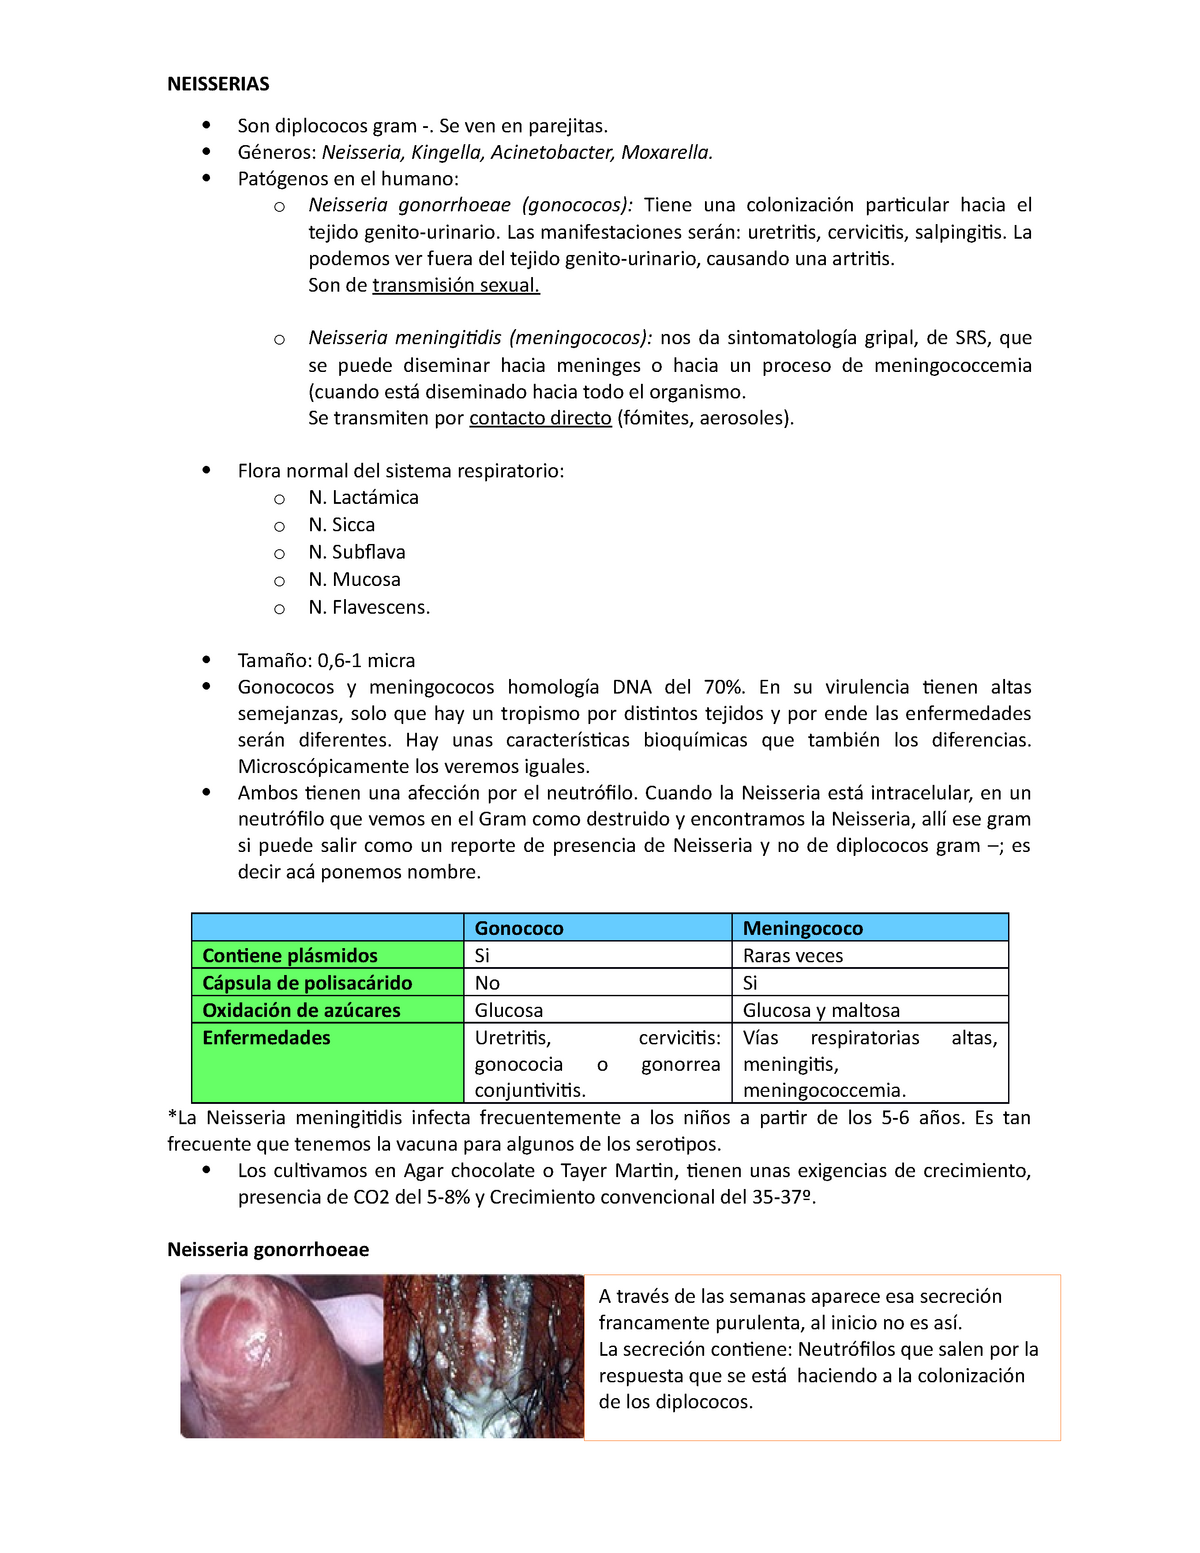 Neisseria gonorrhoeae uretritis